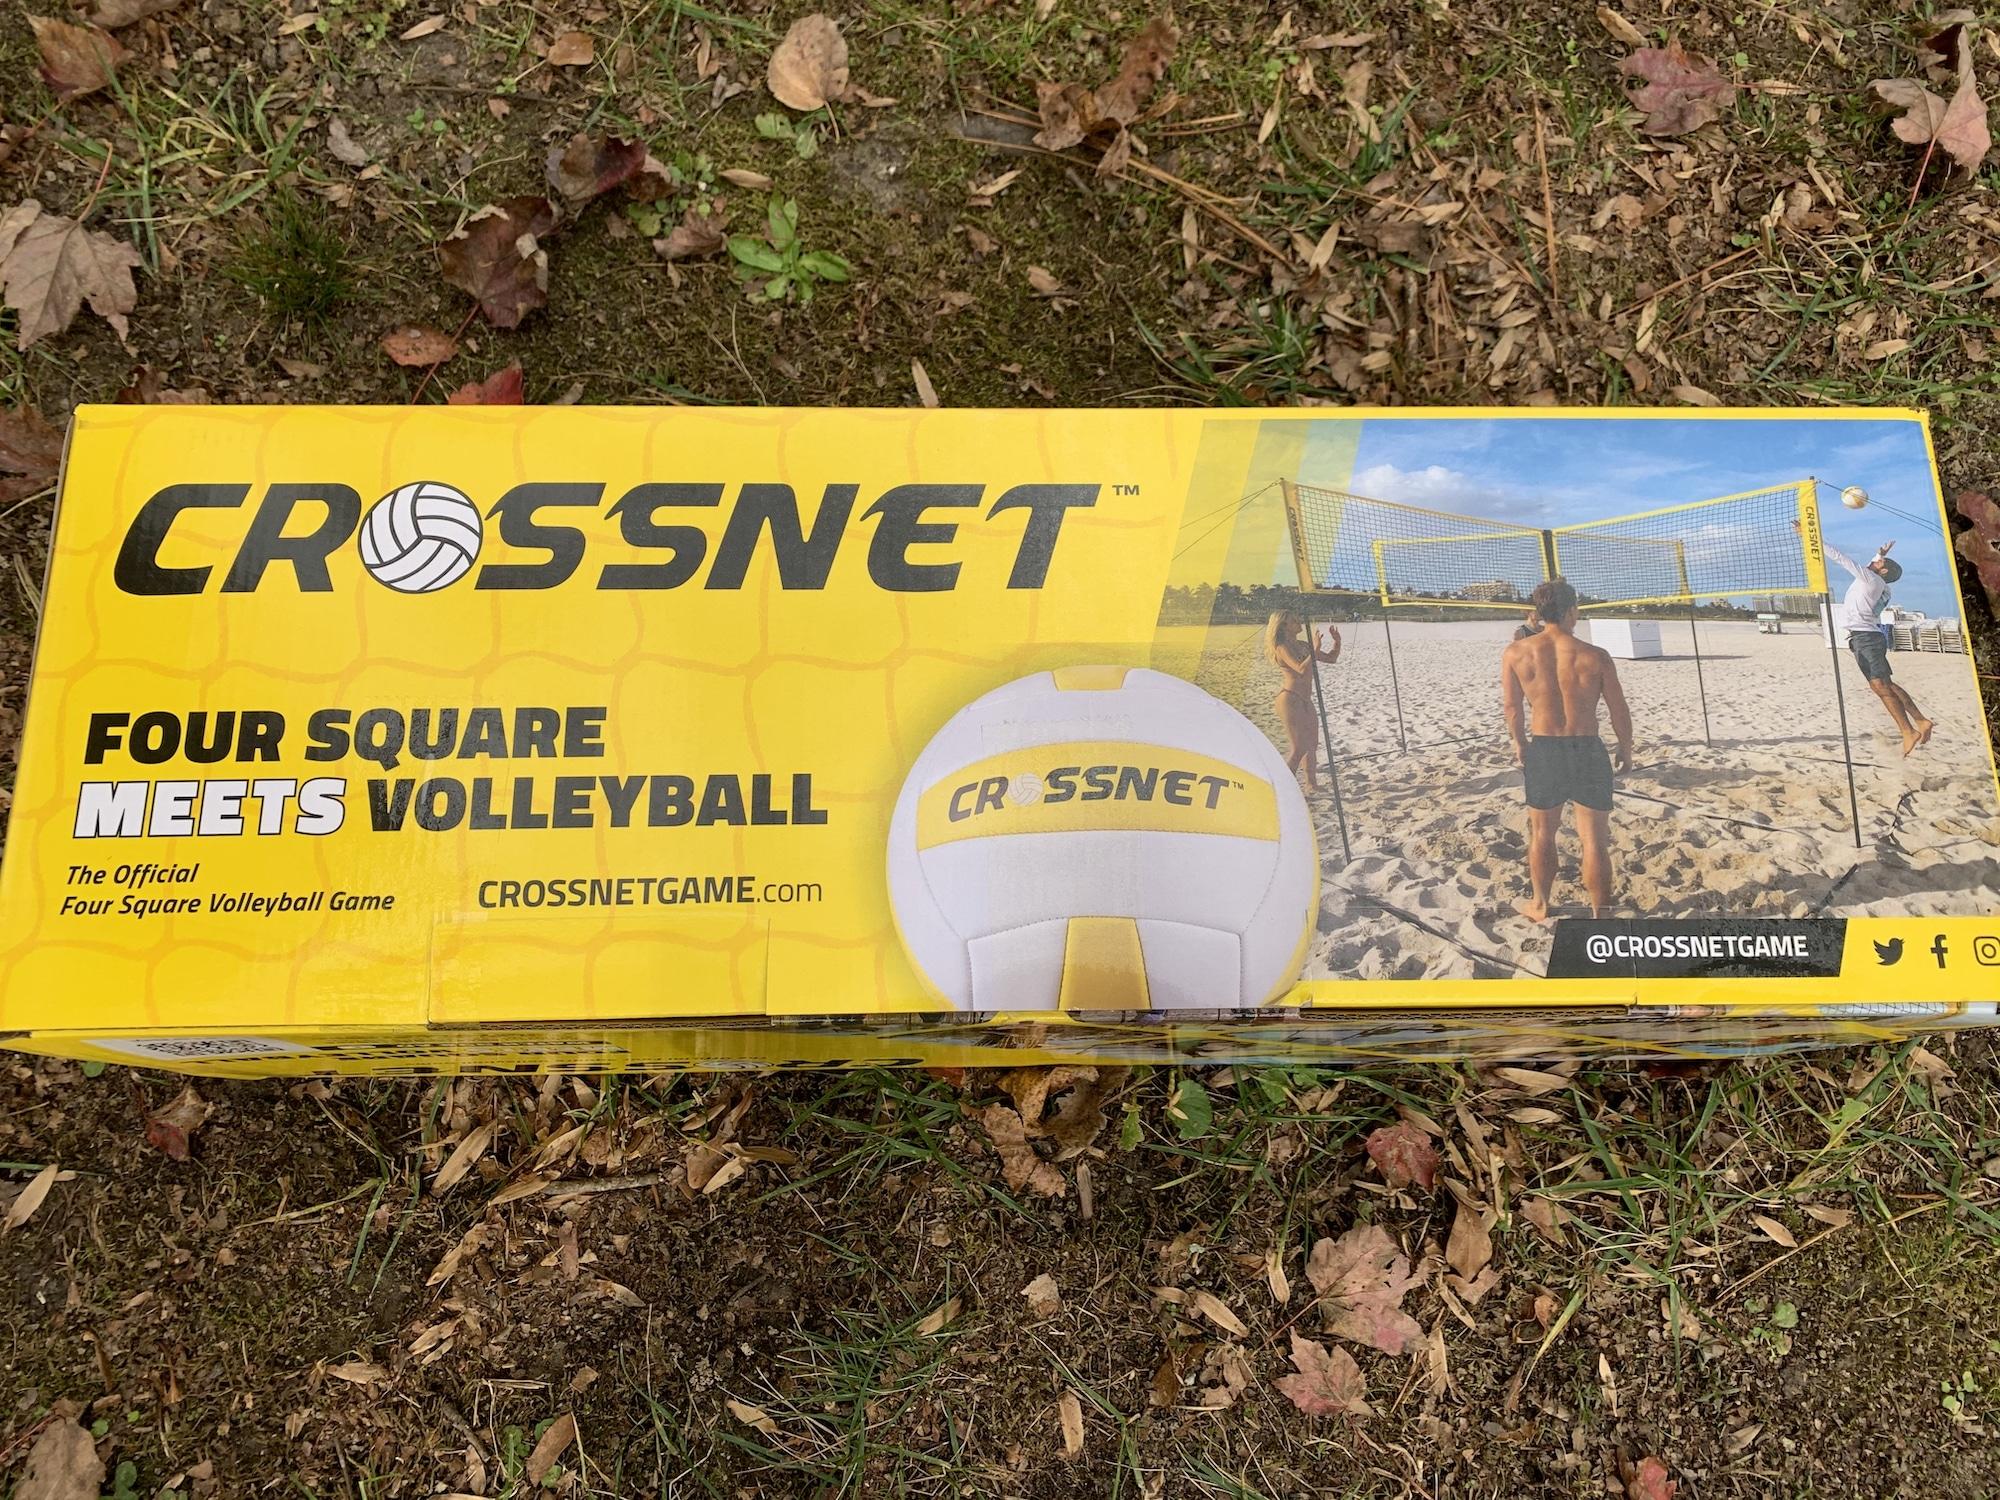 crossnet in box